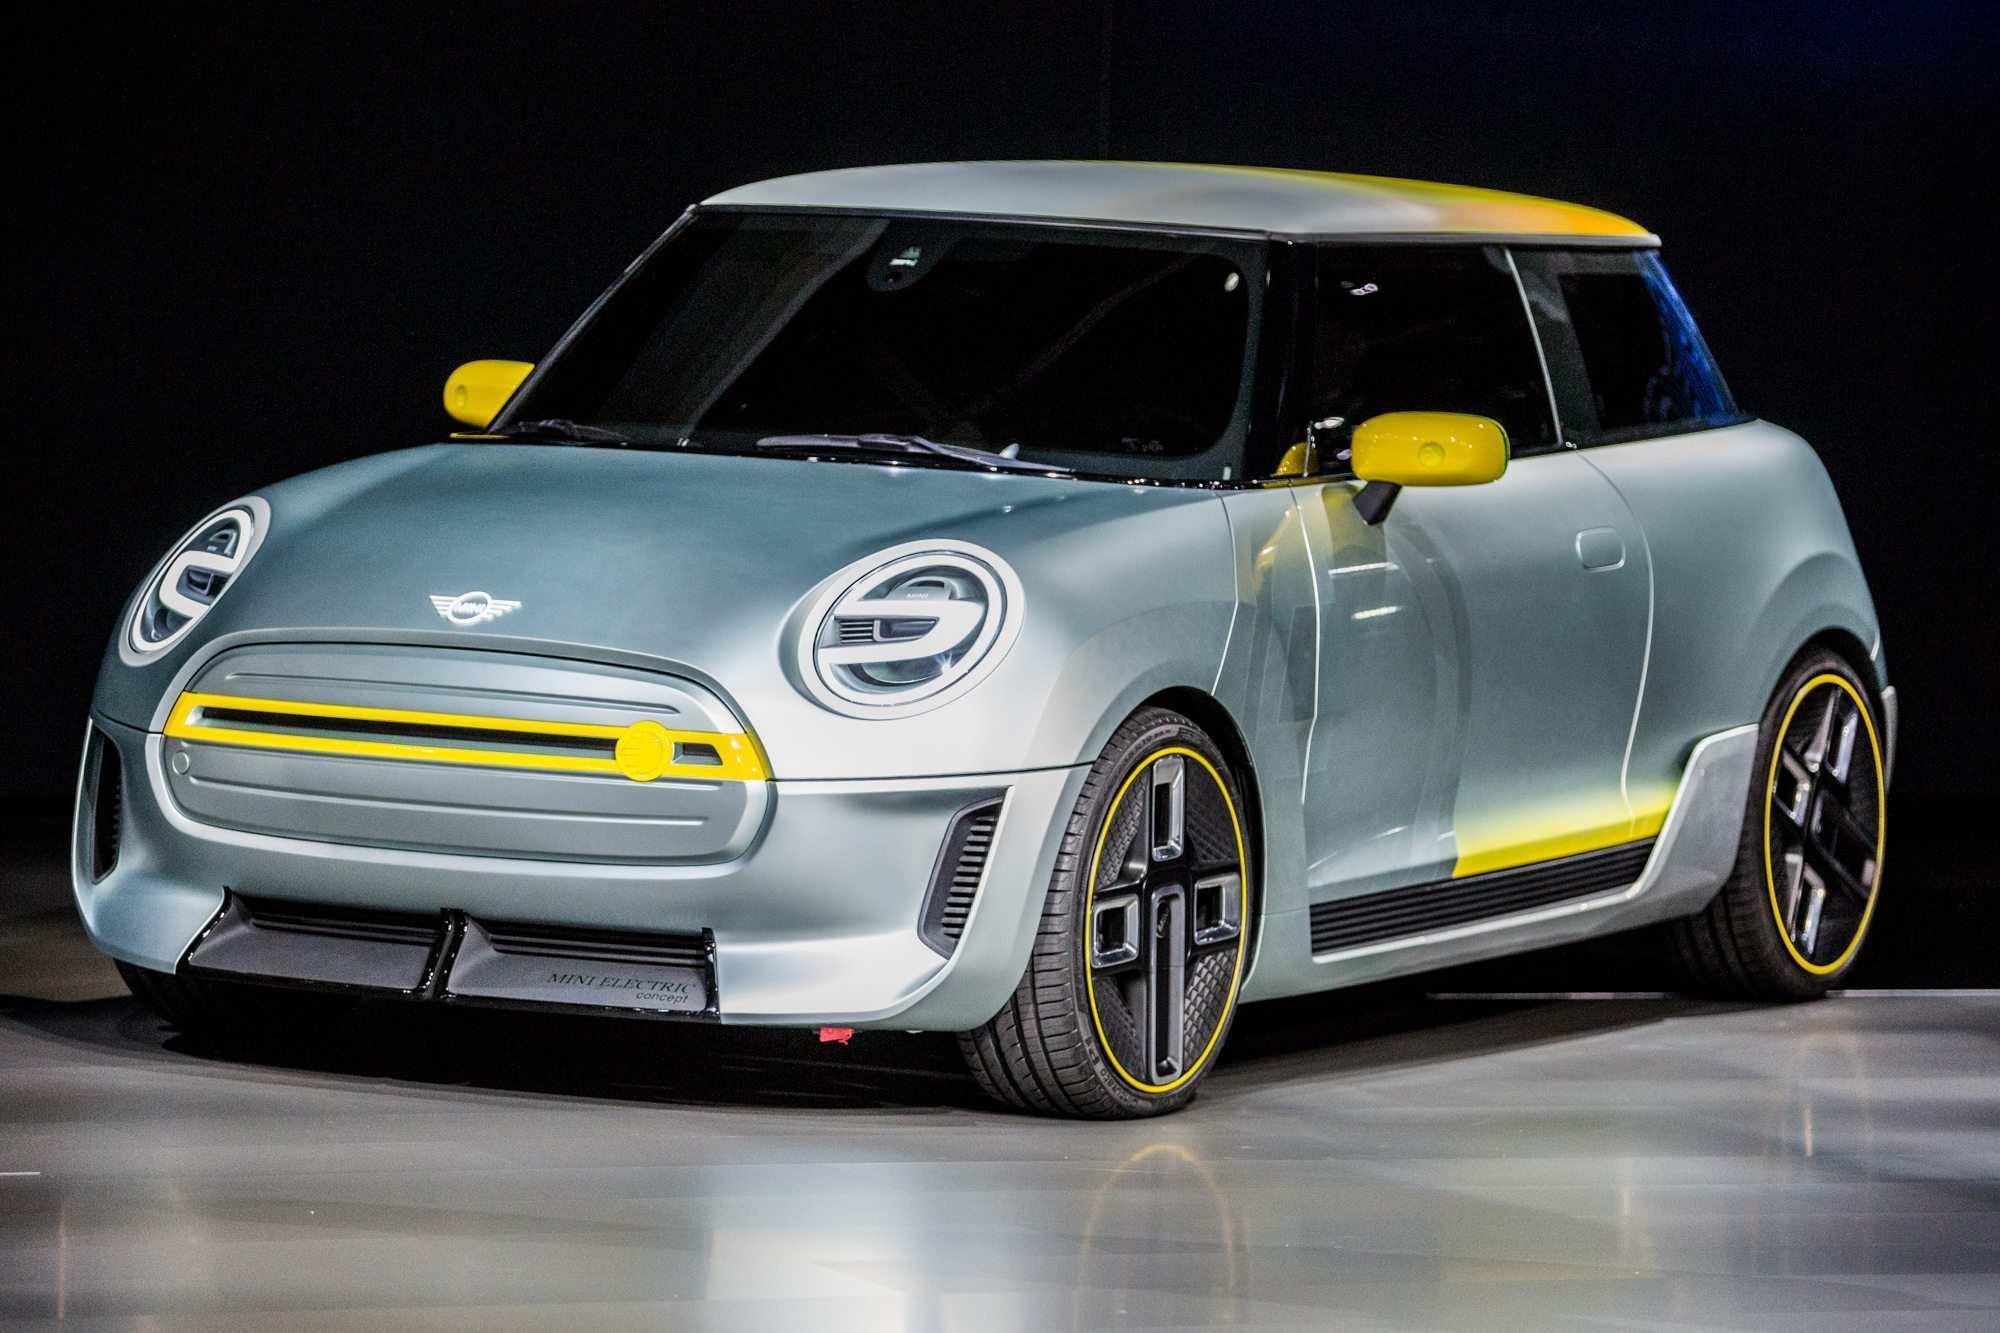 67 Concept of E Mini 2019 New Review with E Mini 2019